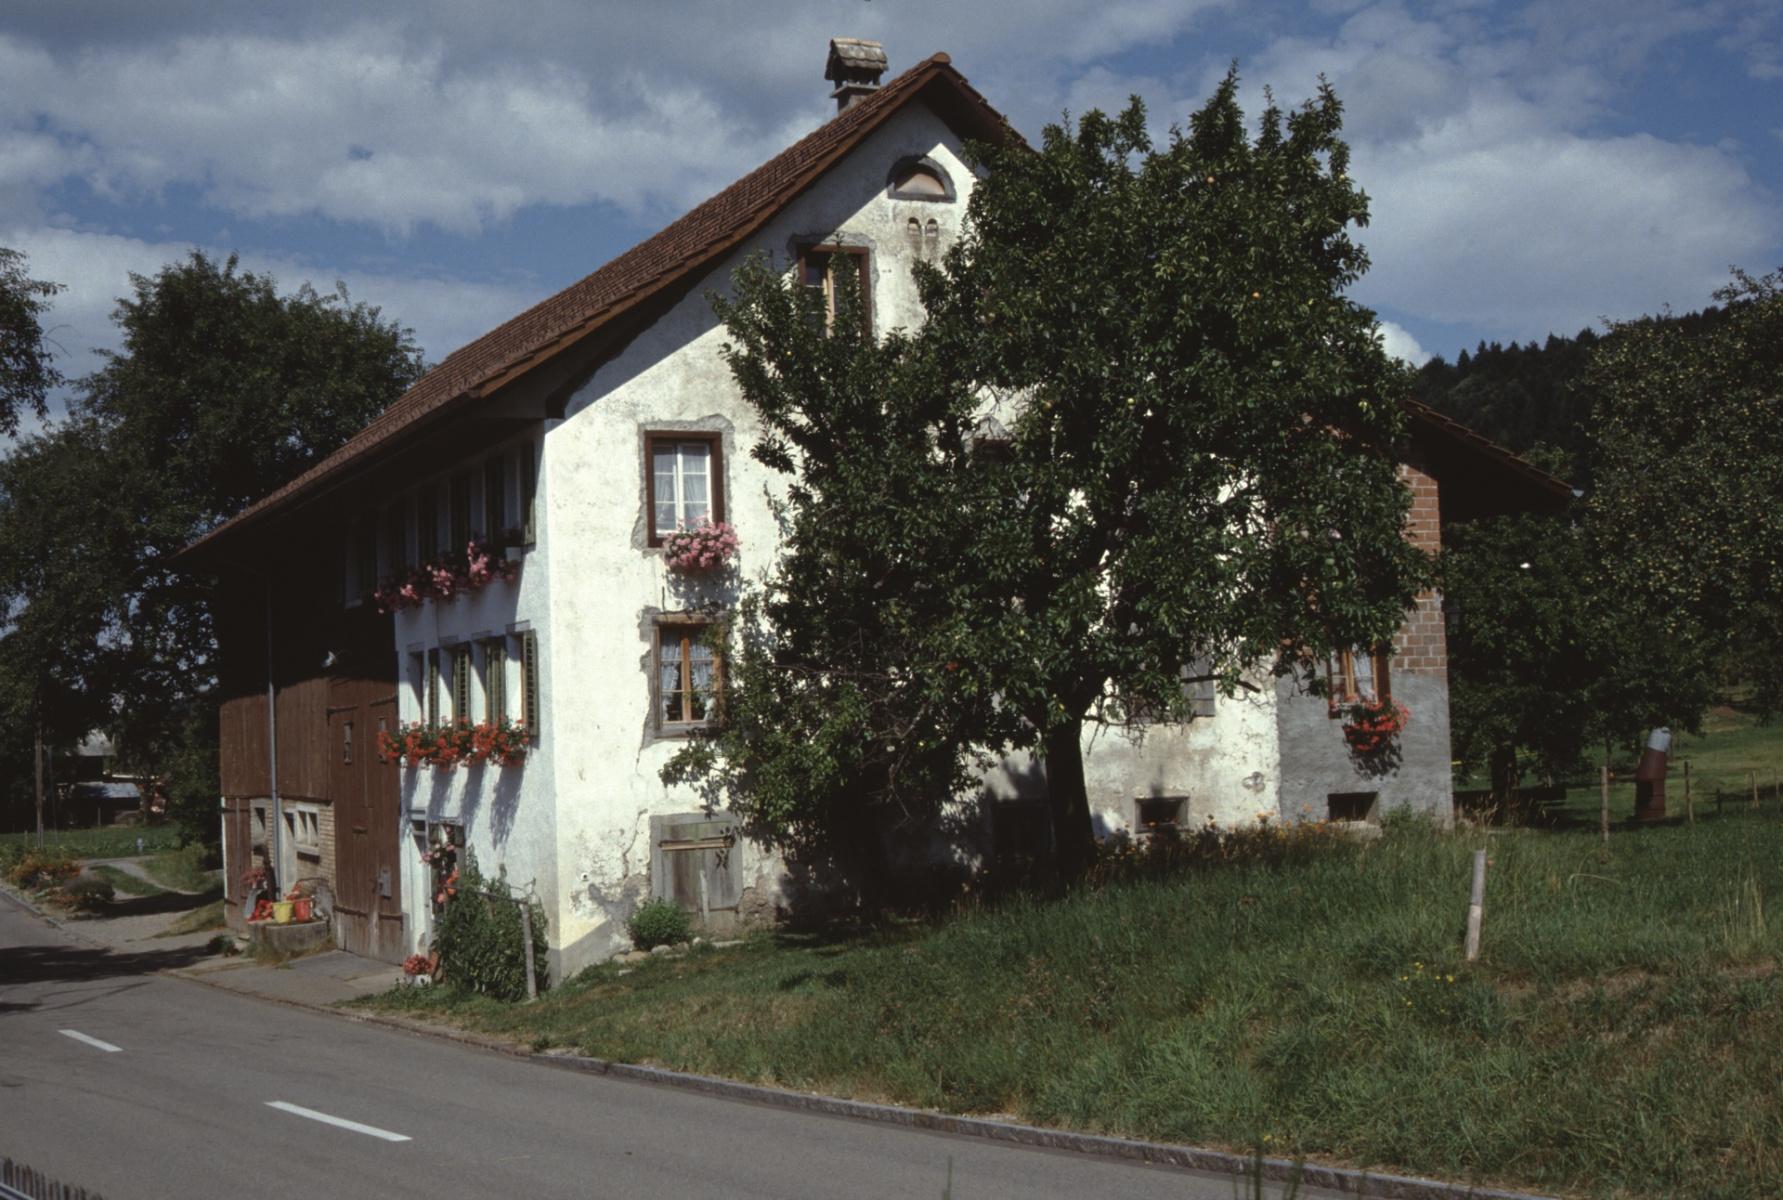 Vorderbettswil, Liegenschaft Mittelholzer